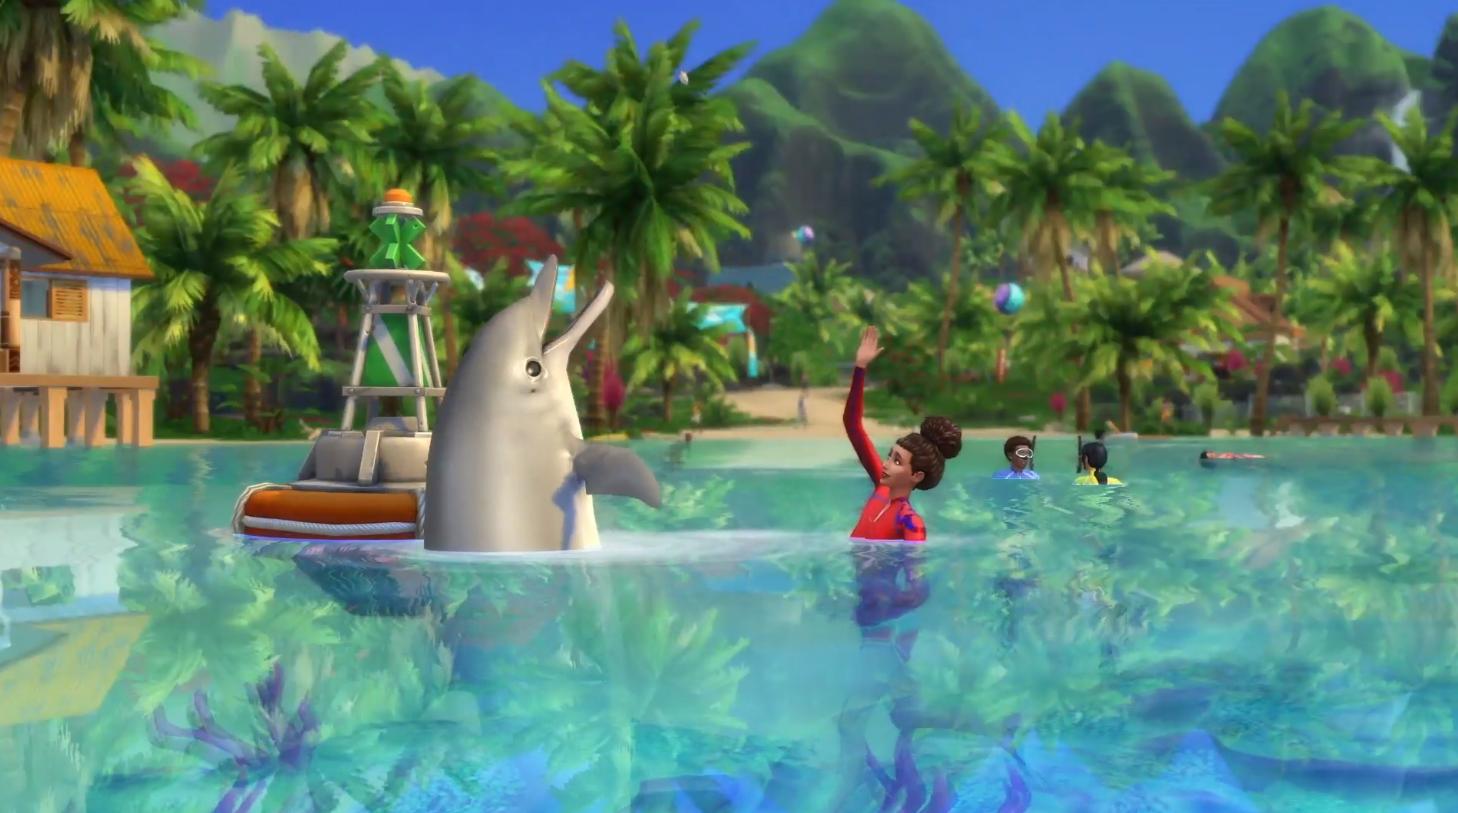 Kuinka ottaa kuvakaappauksia Simsissä 4